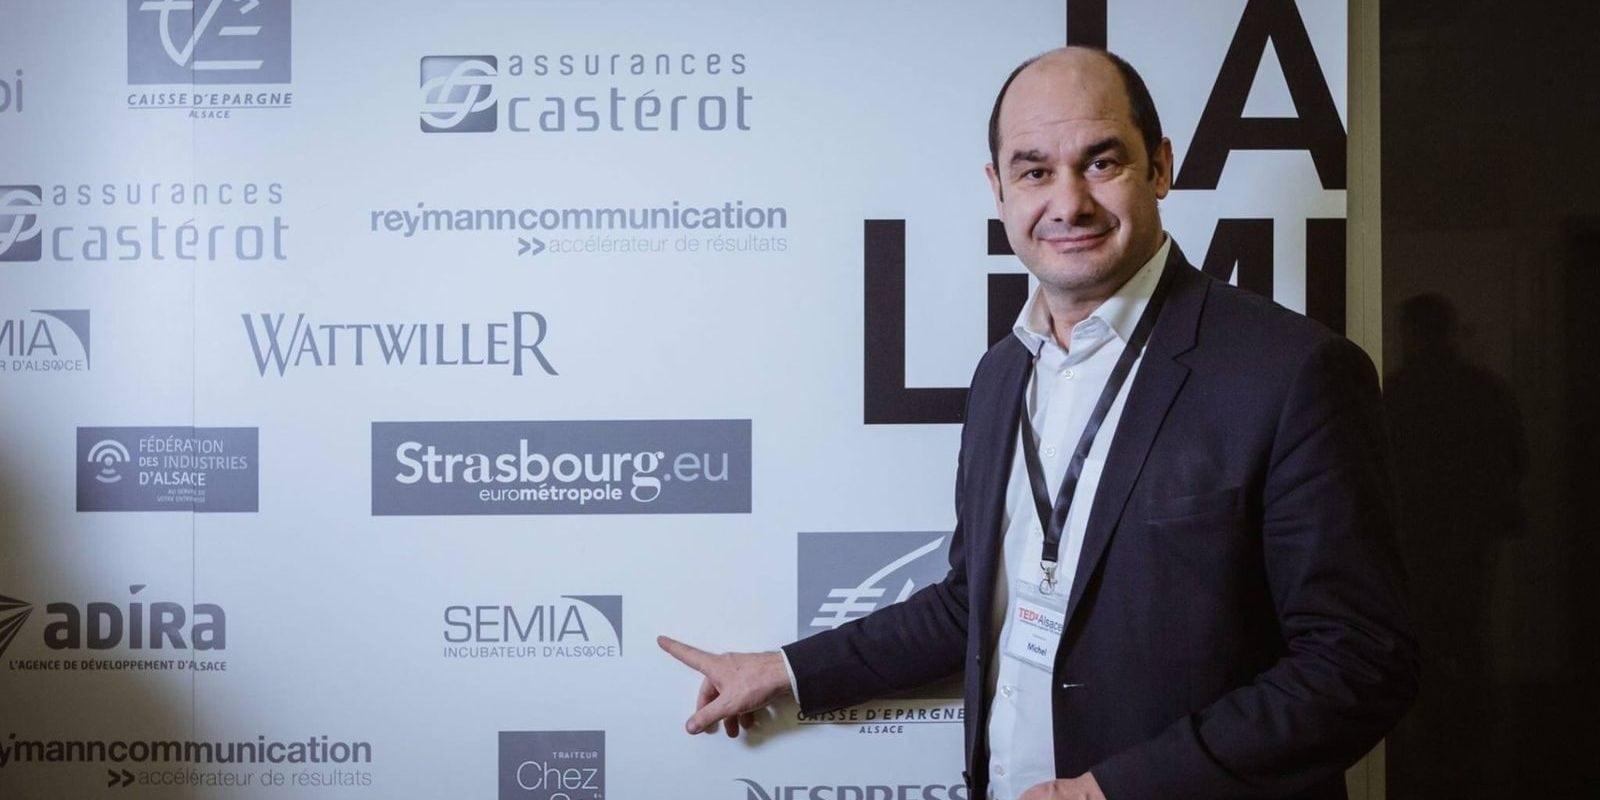 Arrivé en juillet, Michel Hussherr quitte la direction de Semia